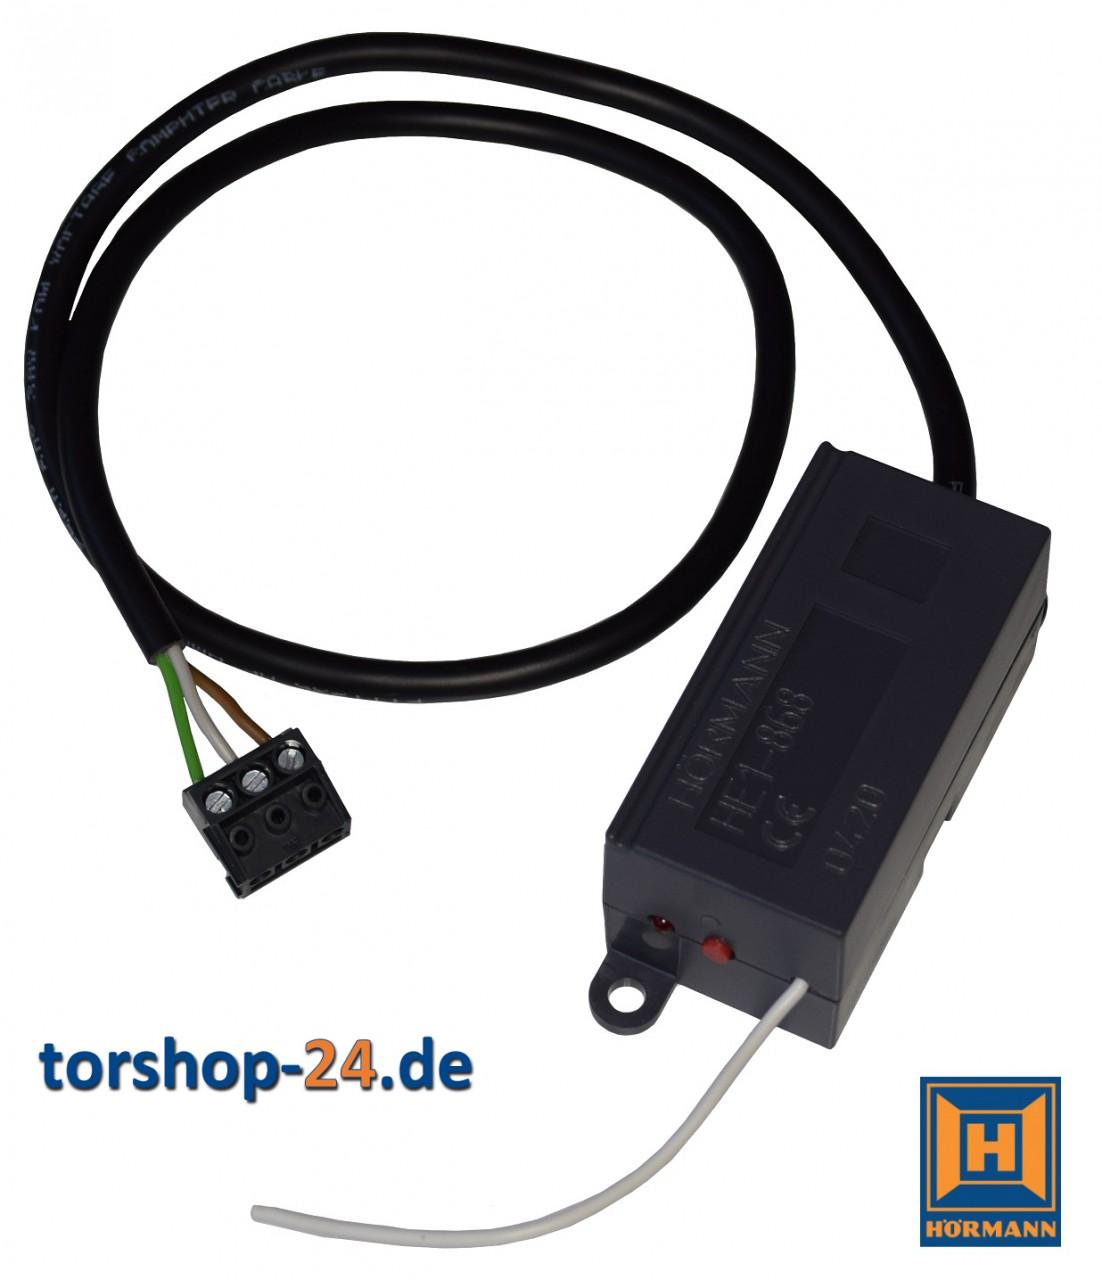 Hörmann 1-Kanal-Empfänger HE 1